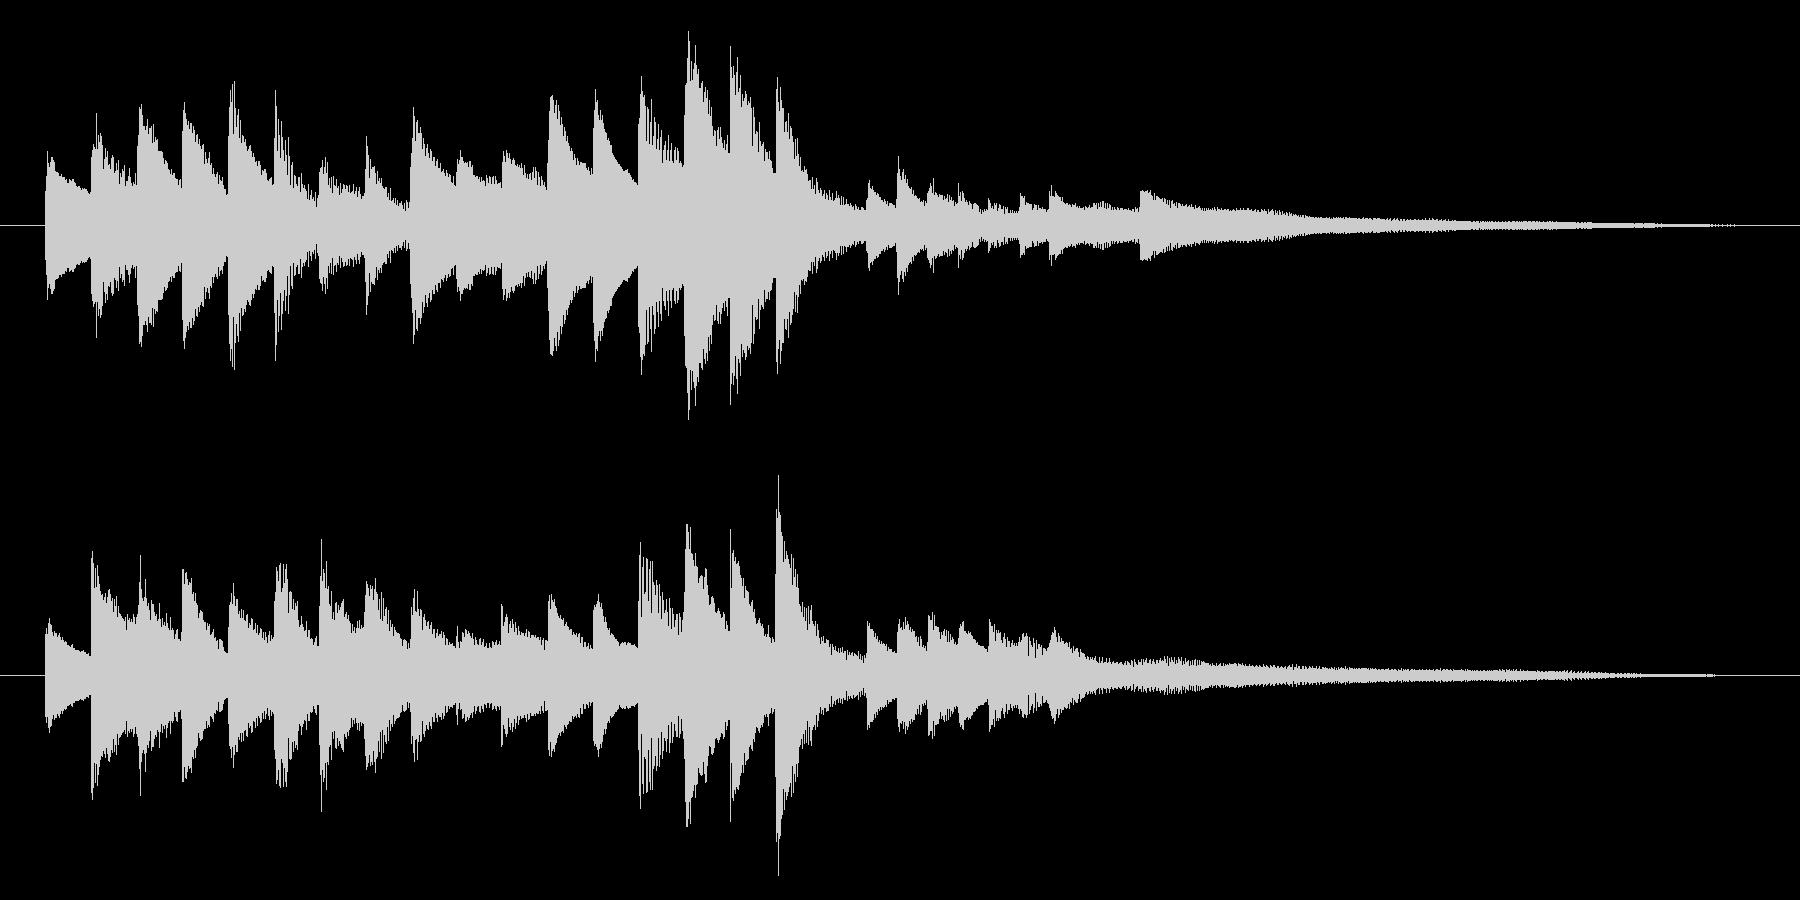 落ち着いた雰囲気の ピアノのジングルの未再生の波形